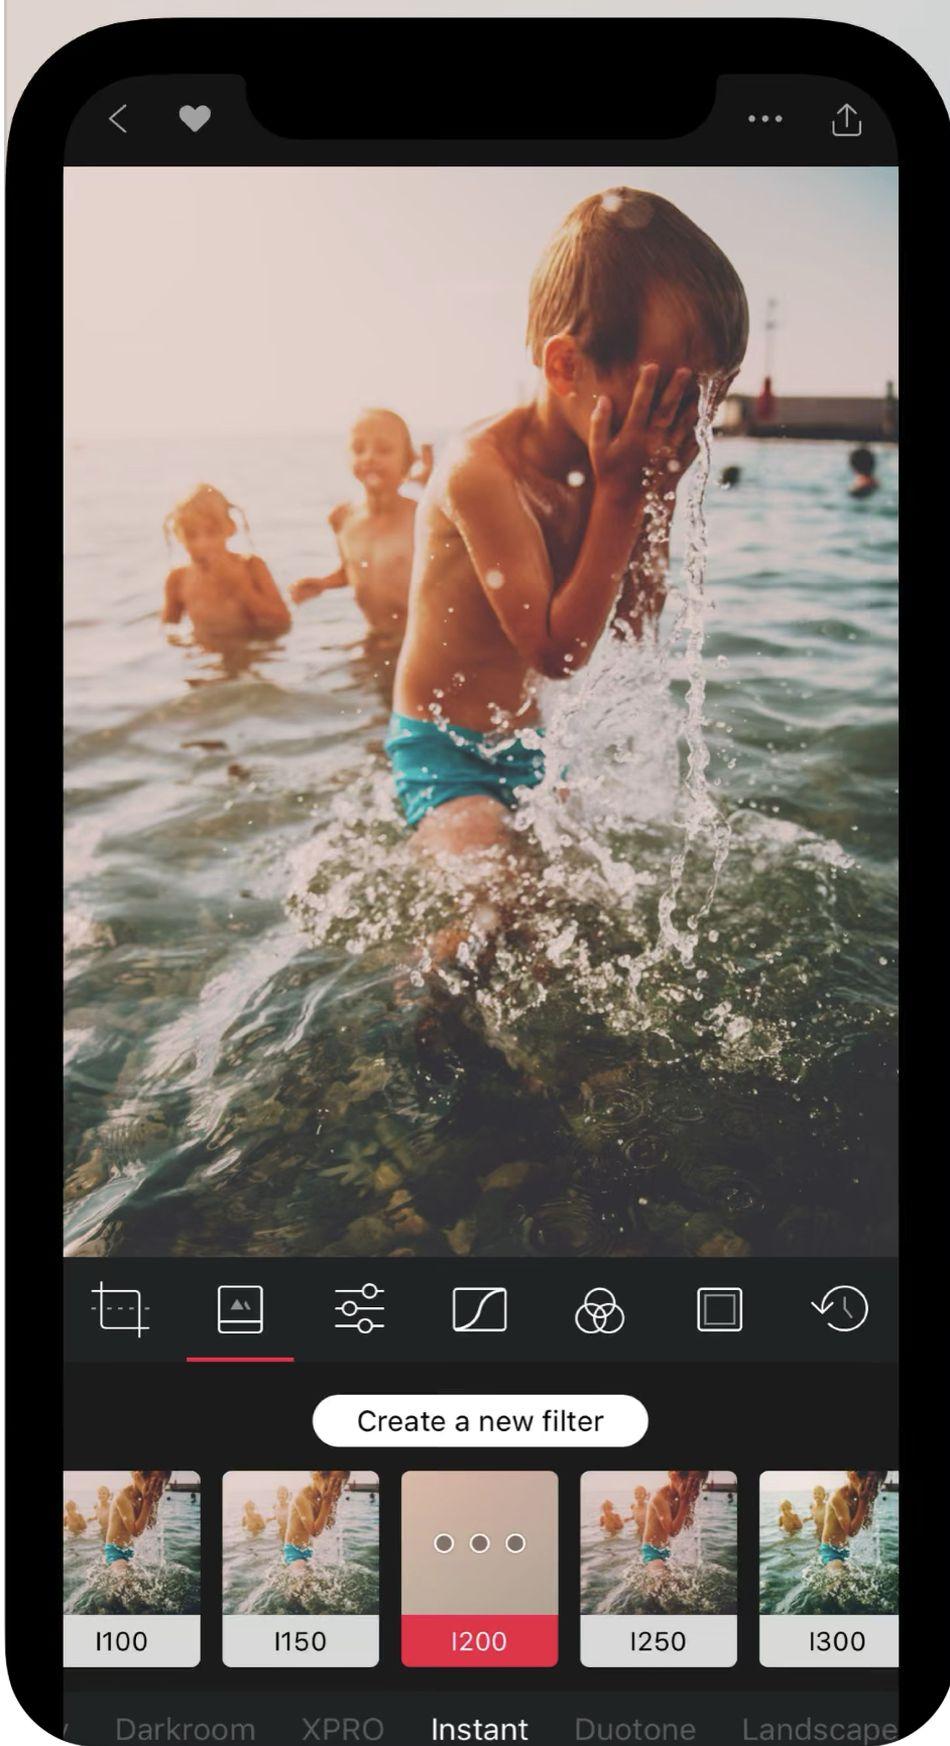 Personaliza tus propios filtros de fotos si te sientes realmente creativo.